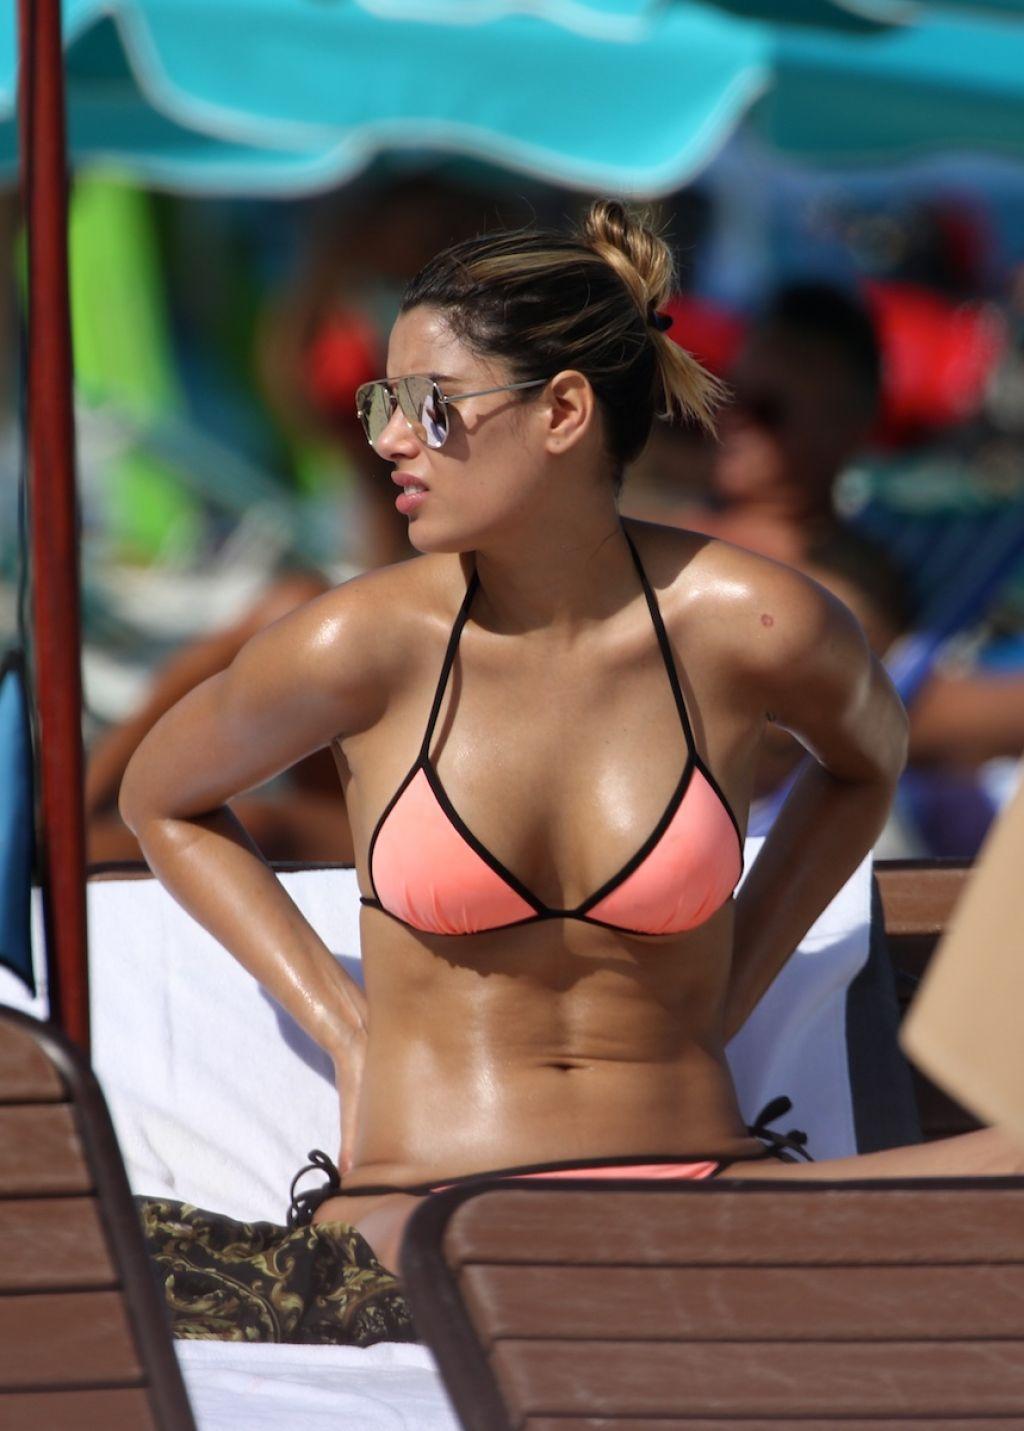 Taylor-joy bikini anya anya taylor